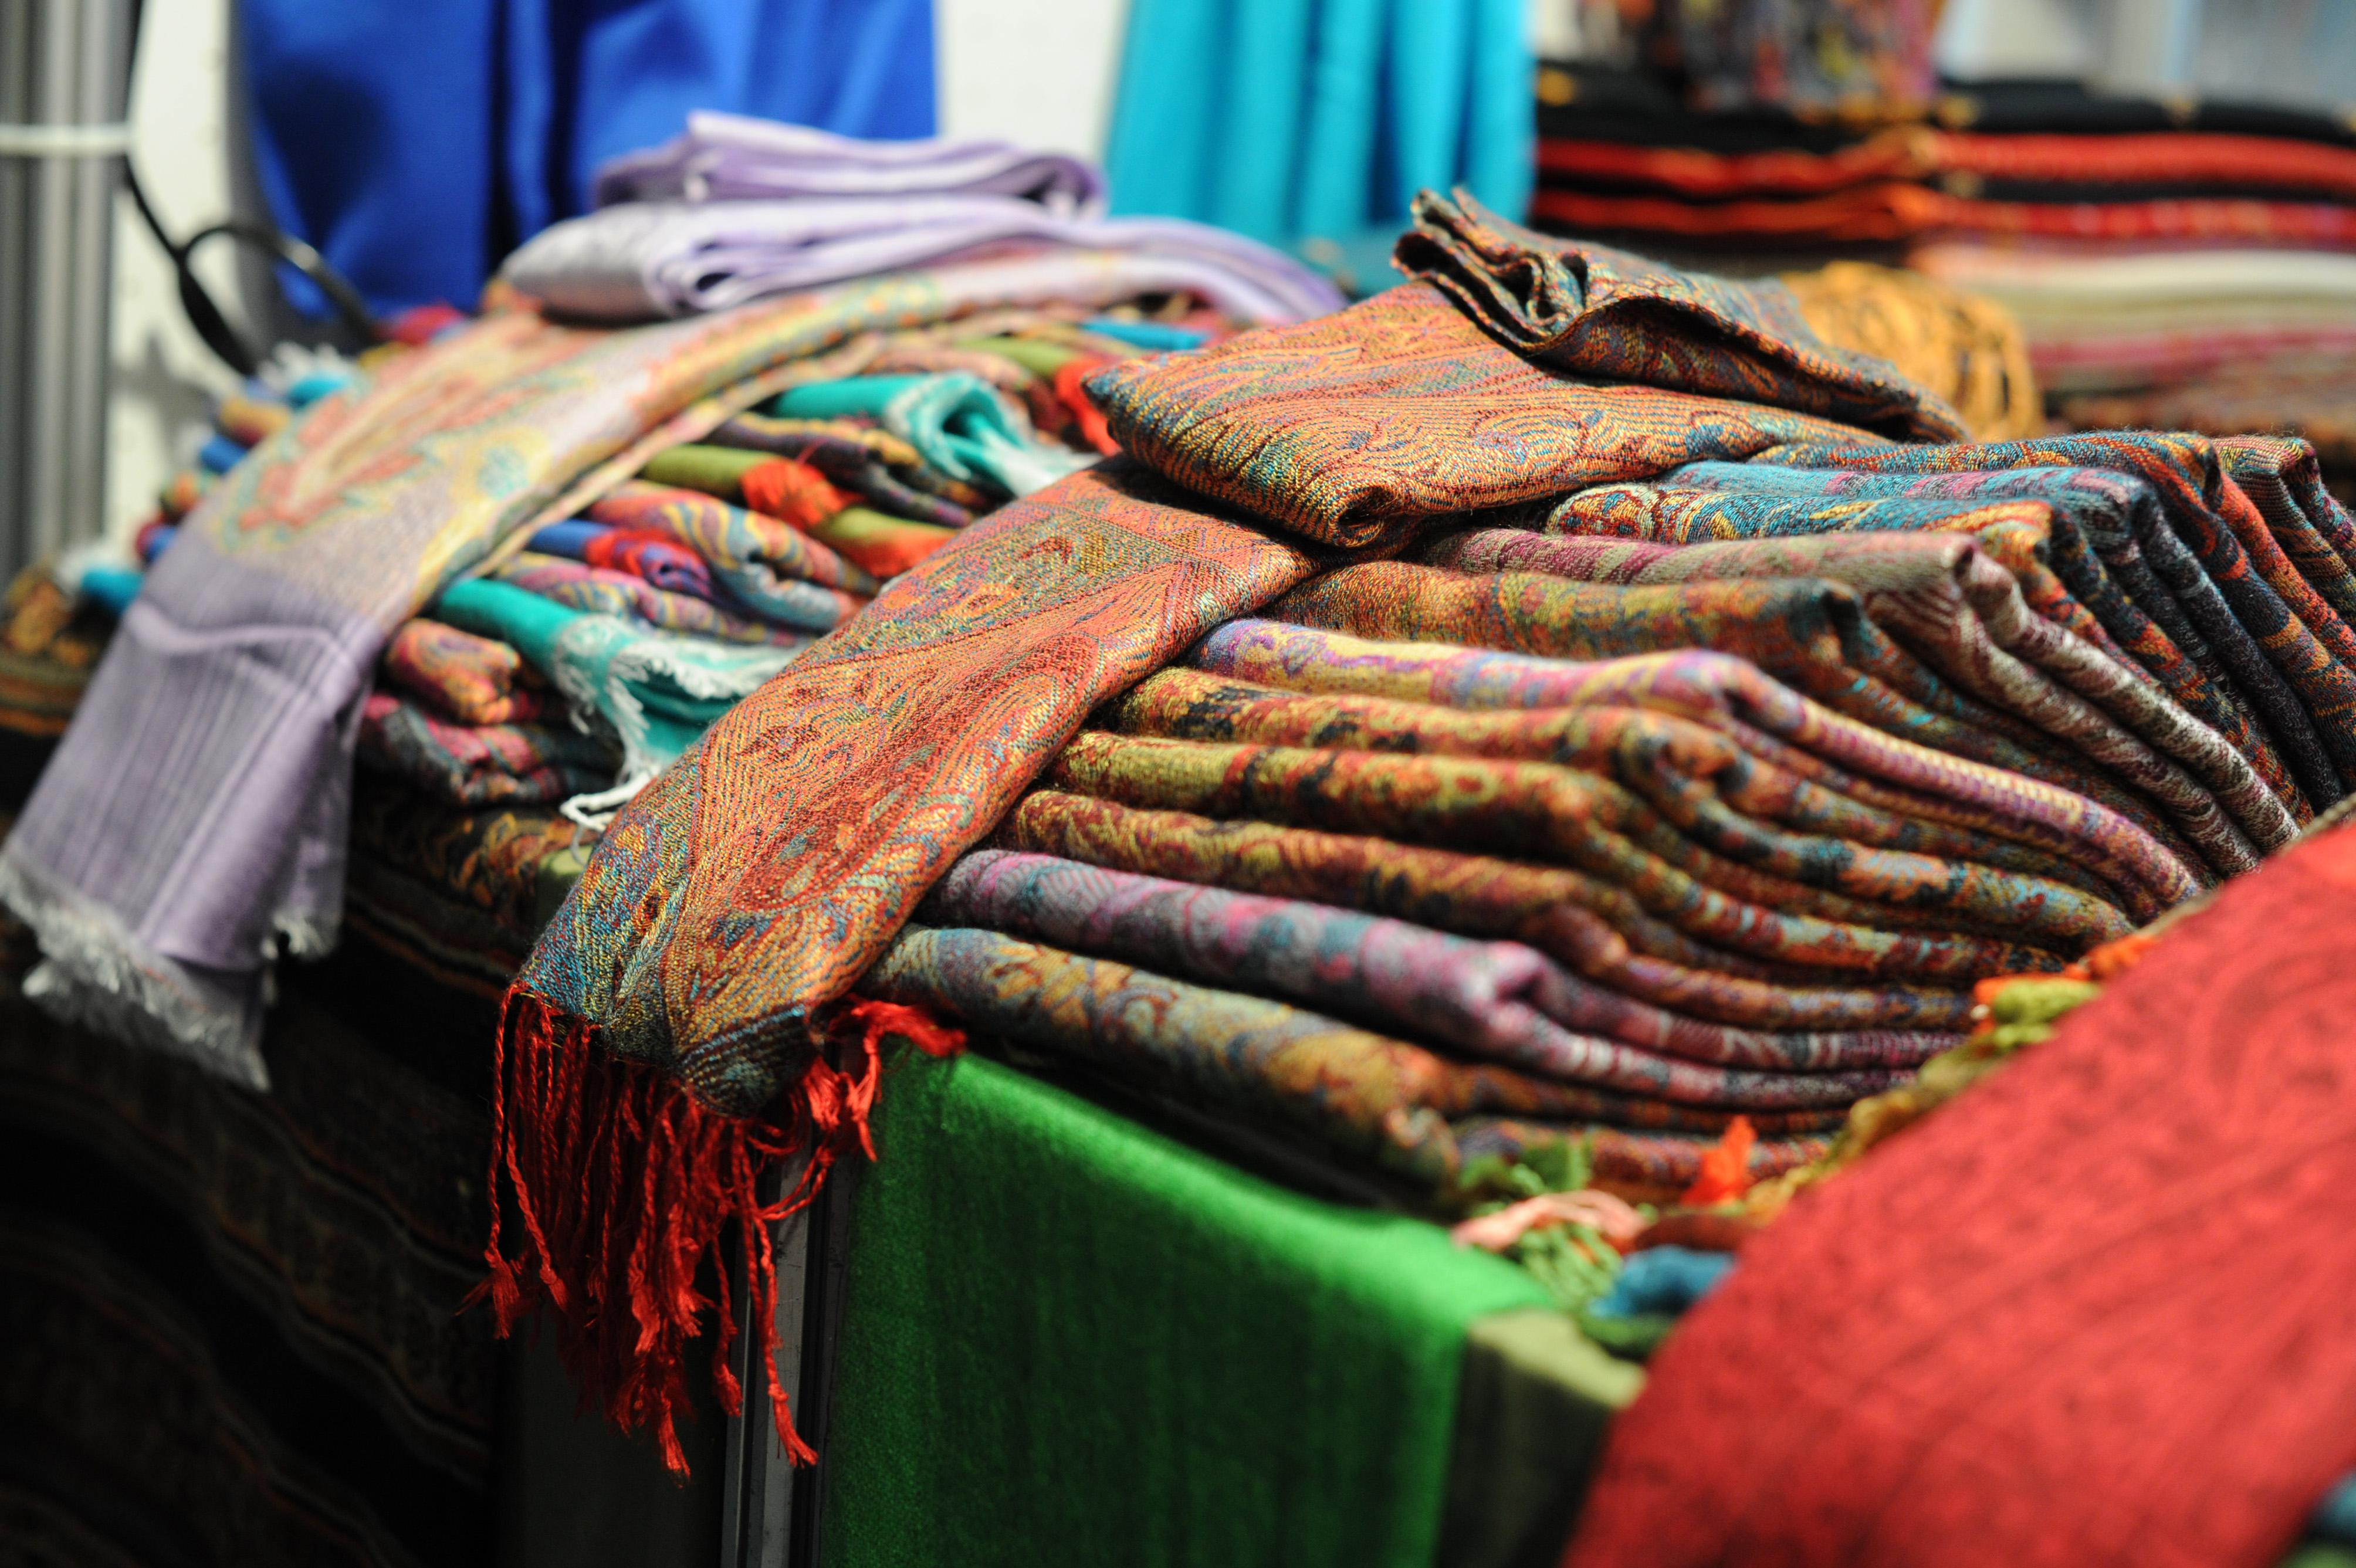 Источник: Официальный сайт Bazaar Berlin http://www.bazaar-berlin.de/